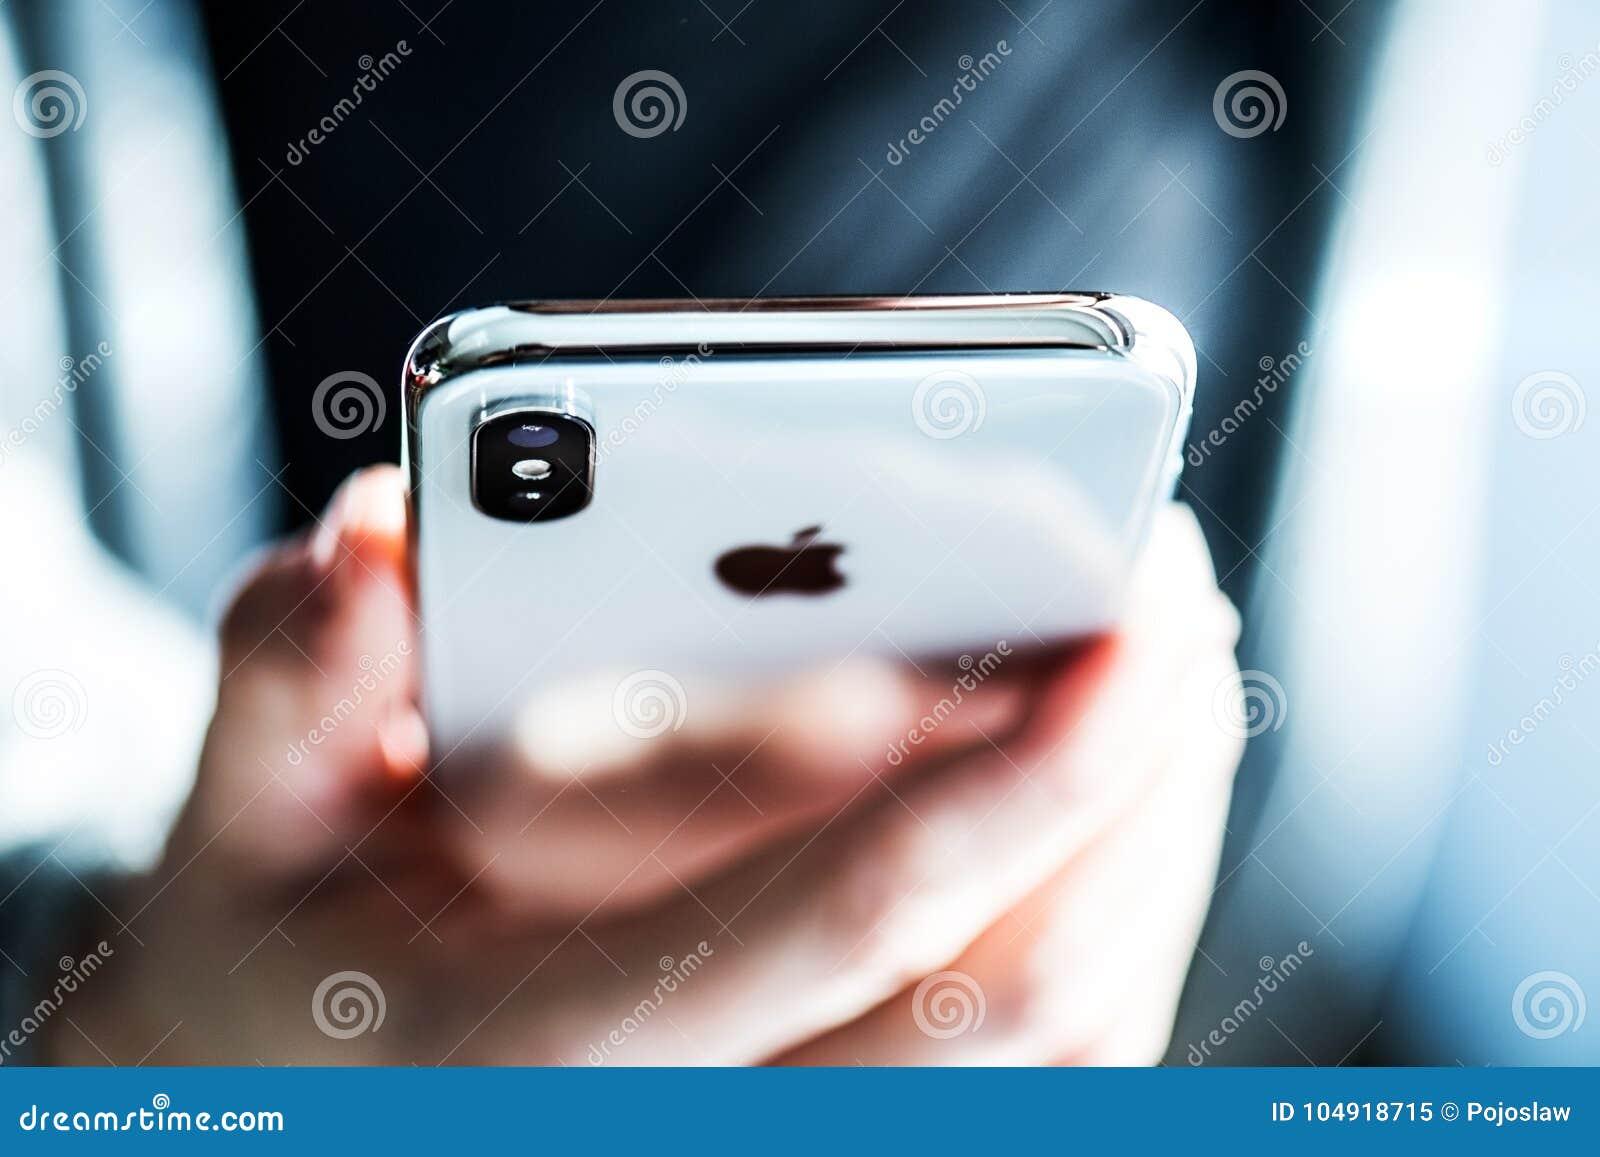 NOVA BANA, SLOWAKIJE - 28 NOV., 2017: Nieuwe Apple-iPhone X smartphone